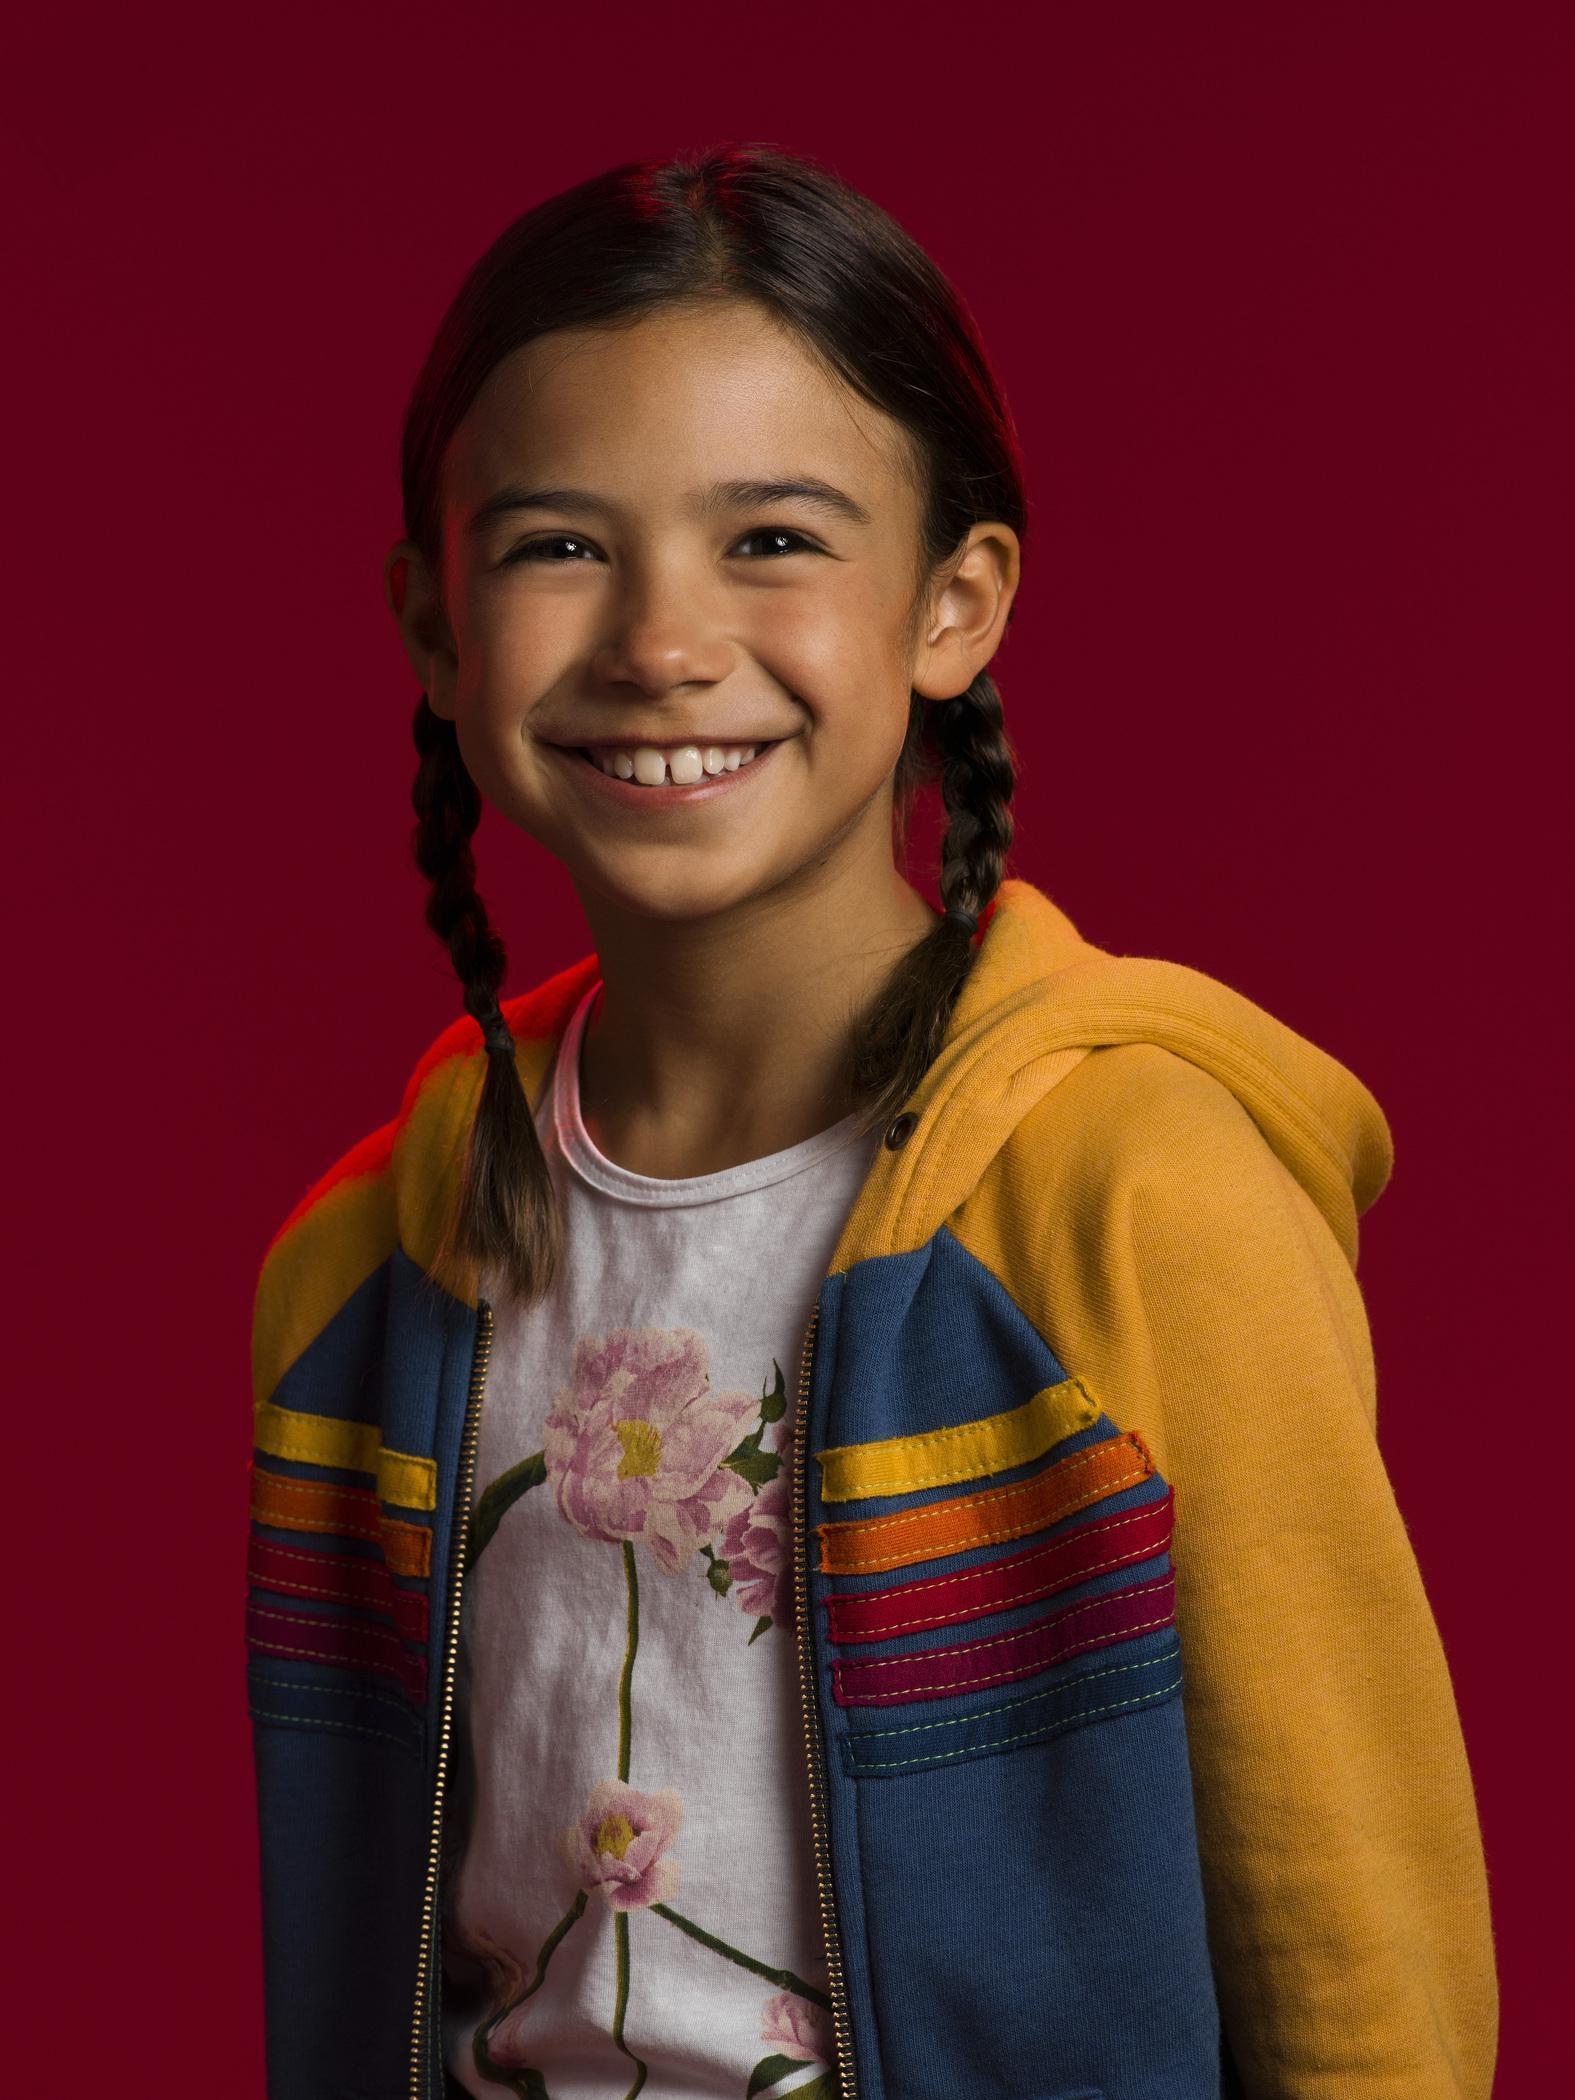 chloe decker actress